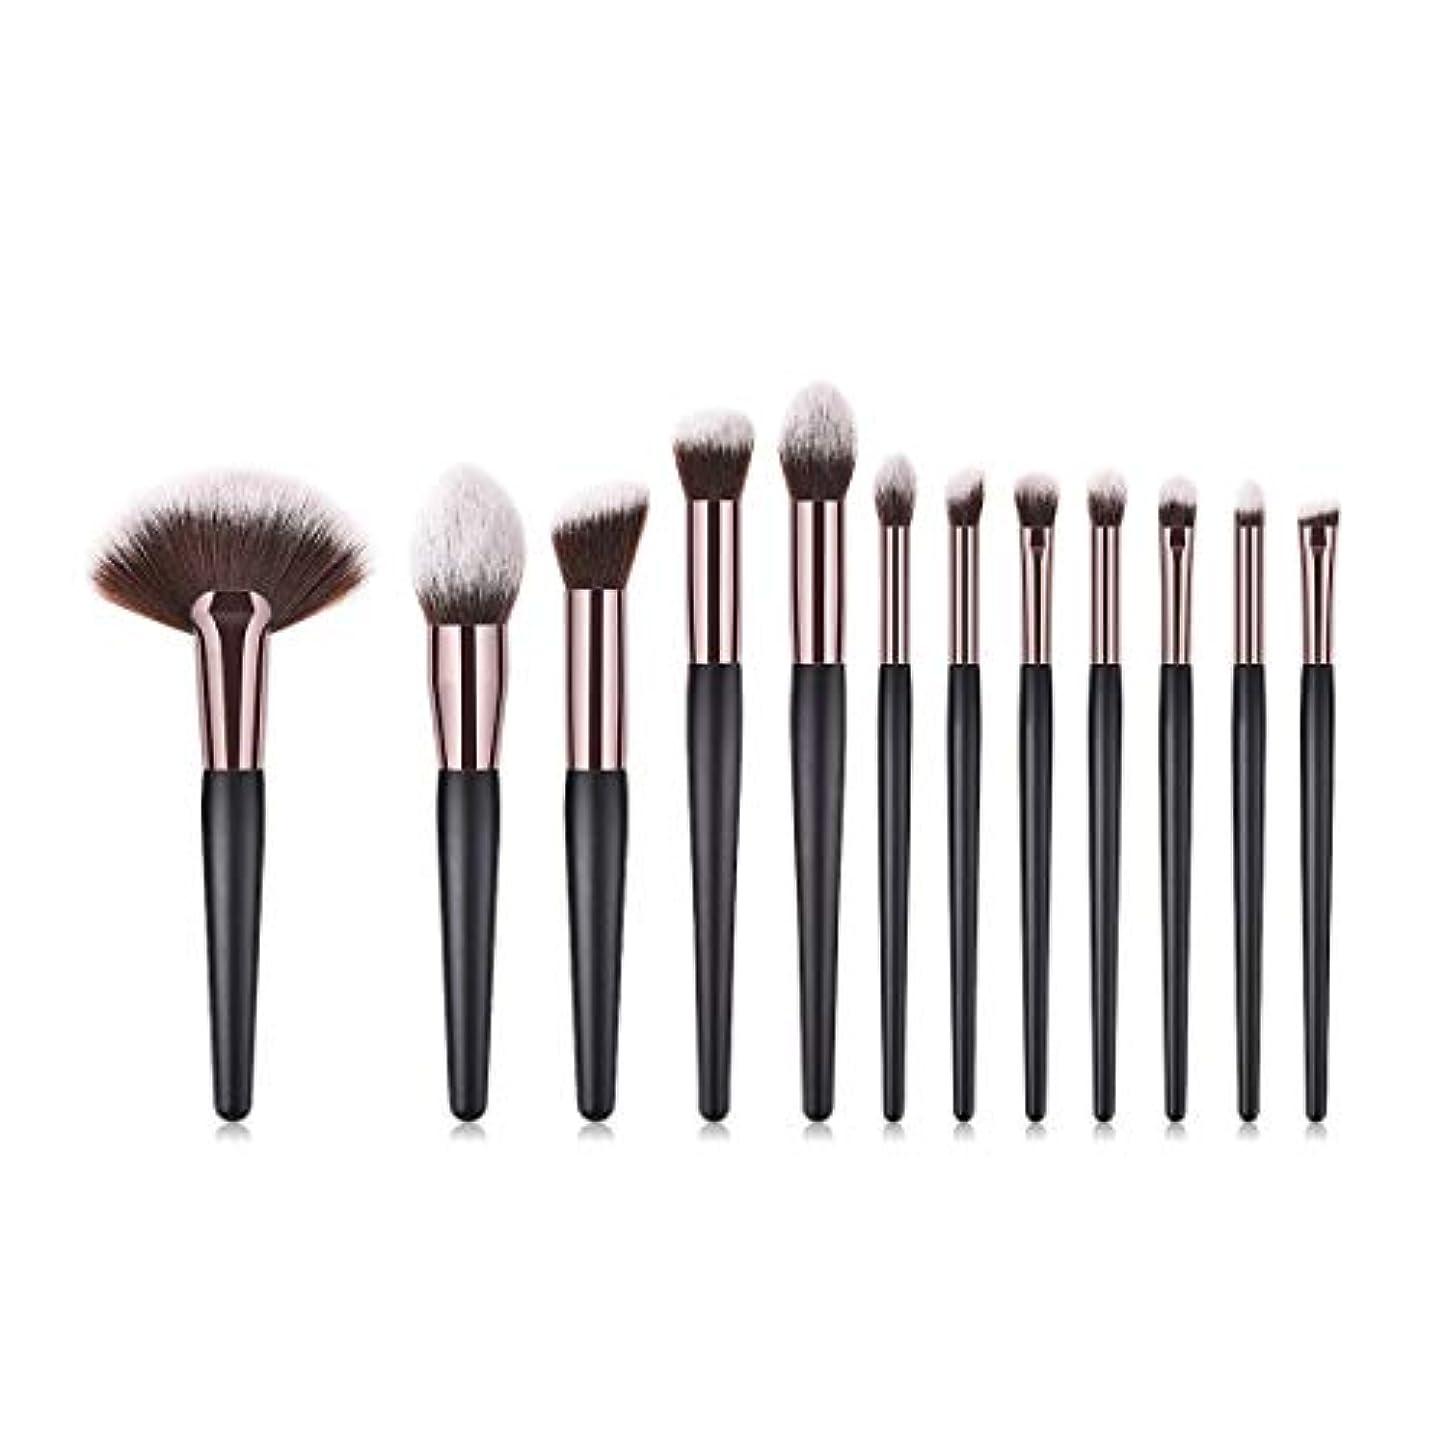 マイクあからさま参照するMakeup brushes 12化粧ブラシファンデーションブラシパウダーピンクブラッシュブラシアイシャドウブラシハイスクールグロスシルエットブラシセットブラシホワイト suits (Color : Black Gold)